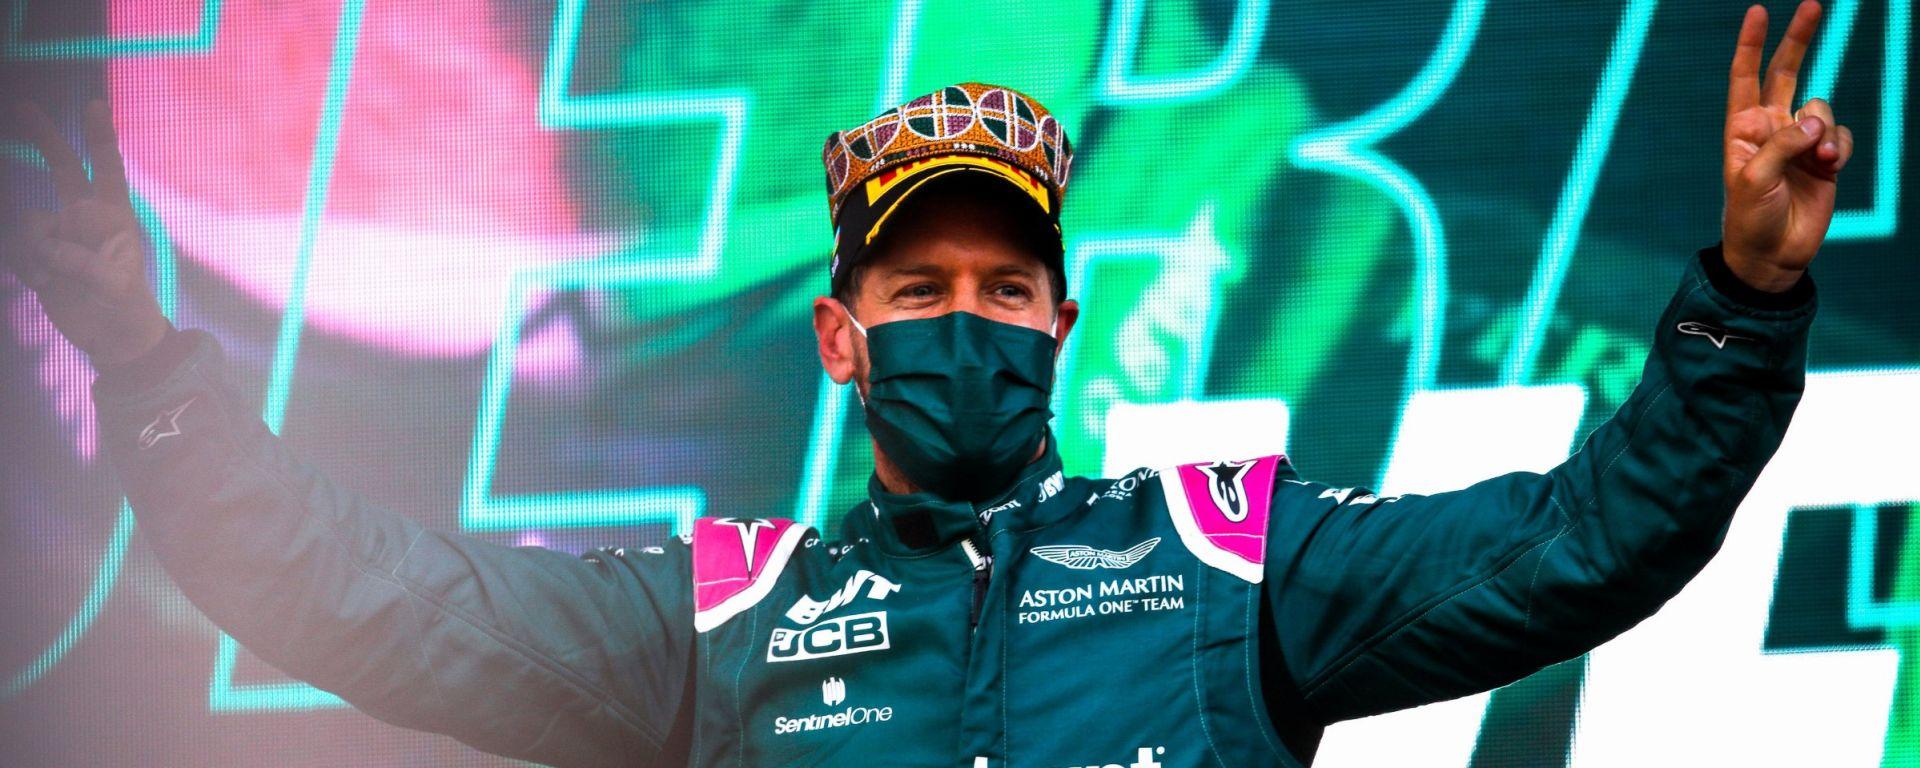 F1, GP Azerbaijan 2021: il Sebbb sul podio con il cappello vinto alla gara di kebab